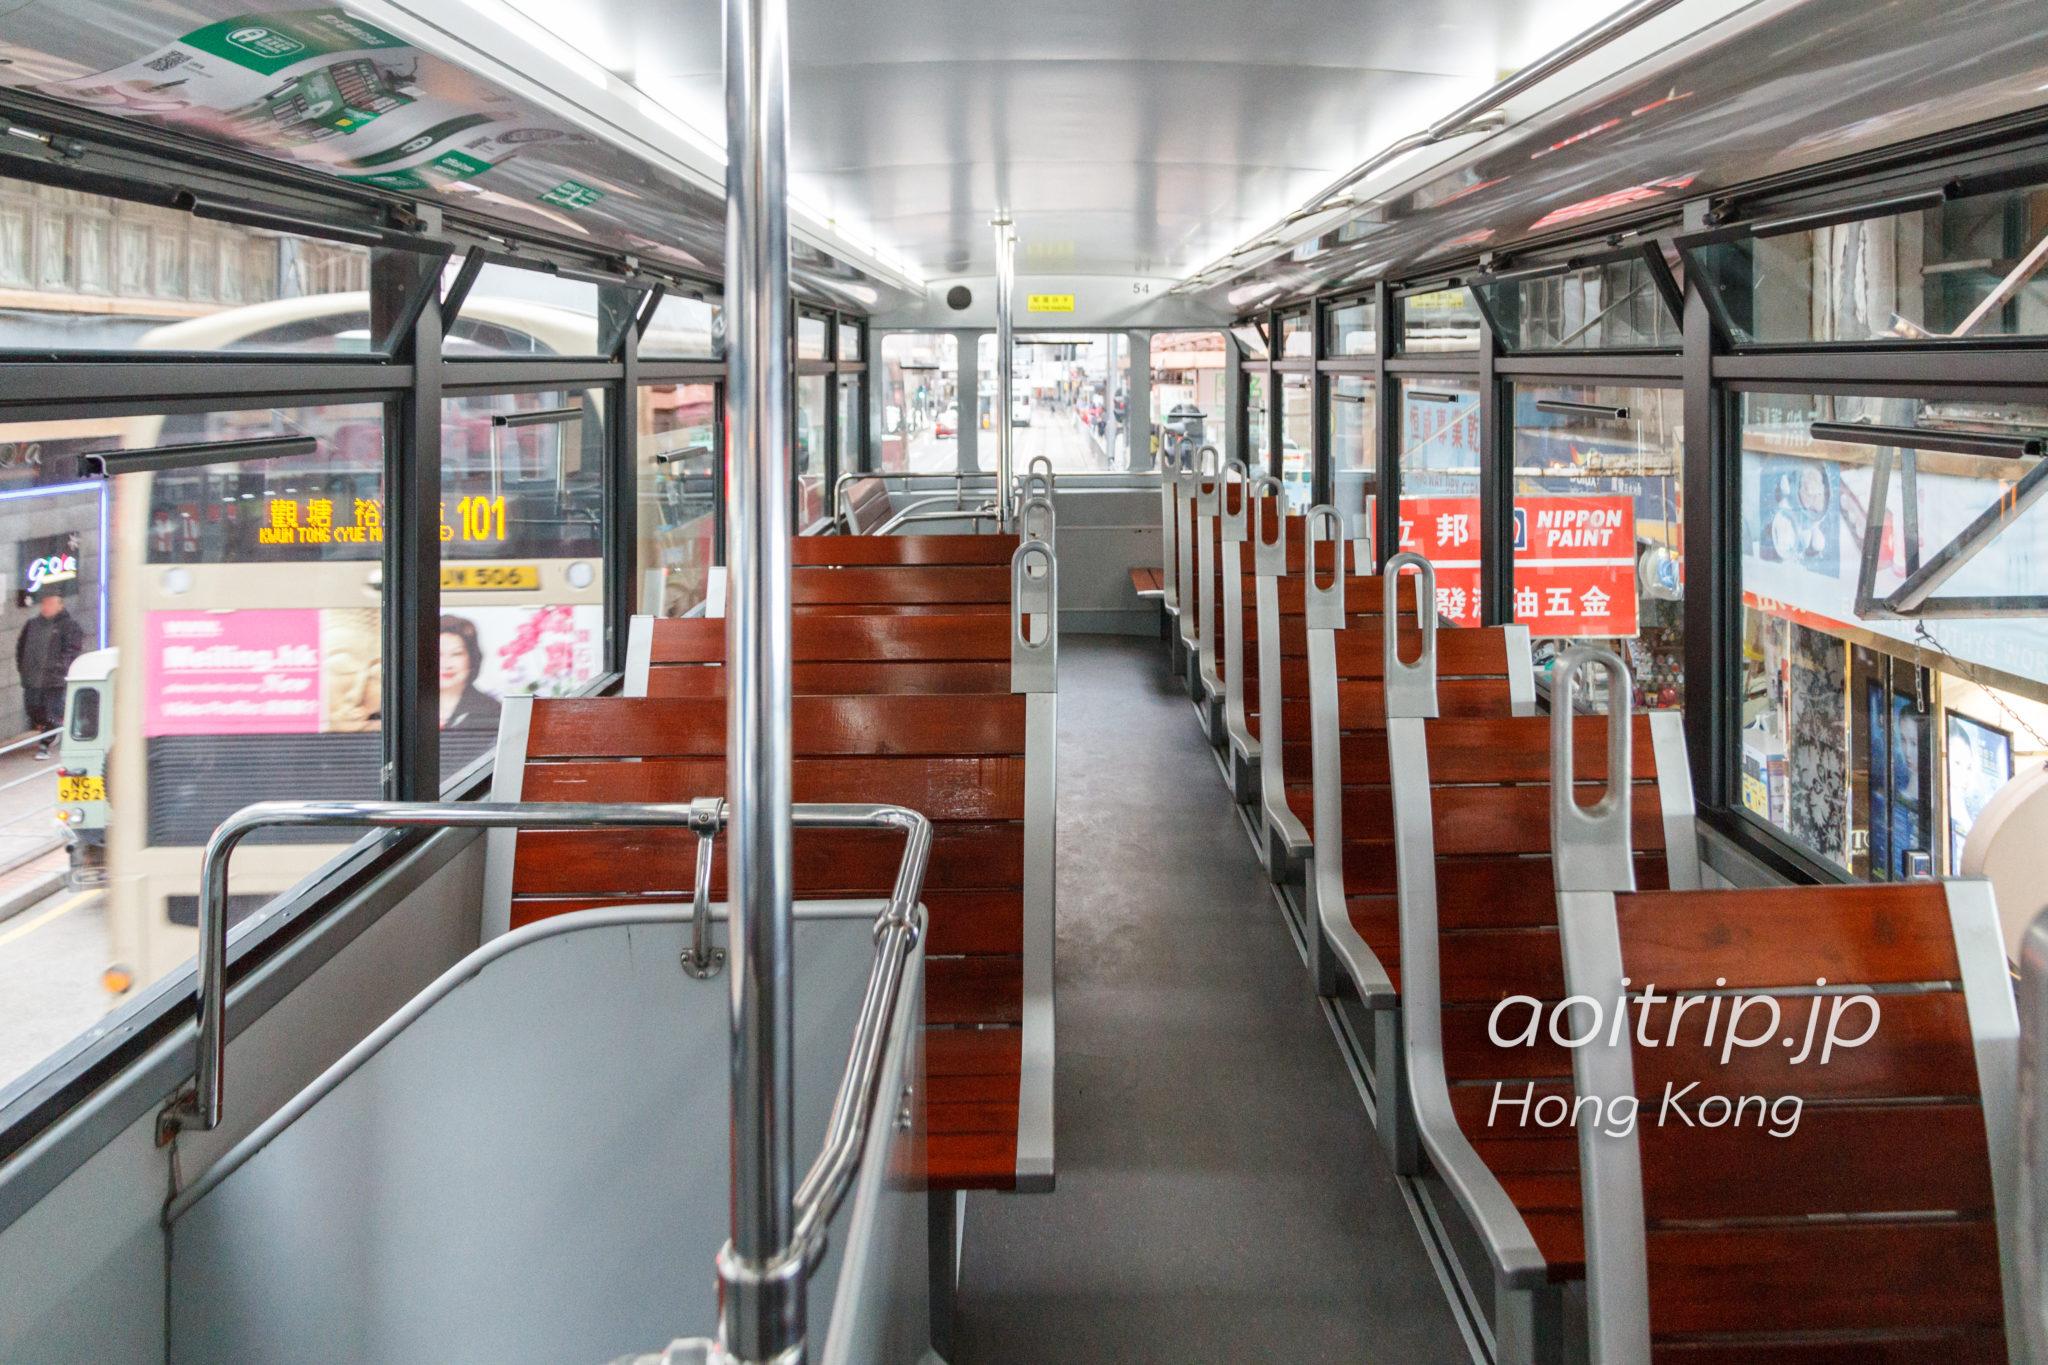 香港の路面電車トラムの座席